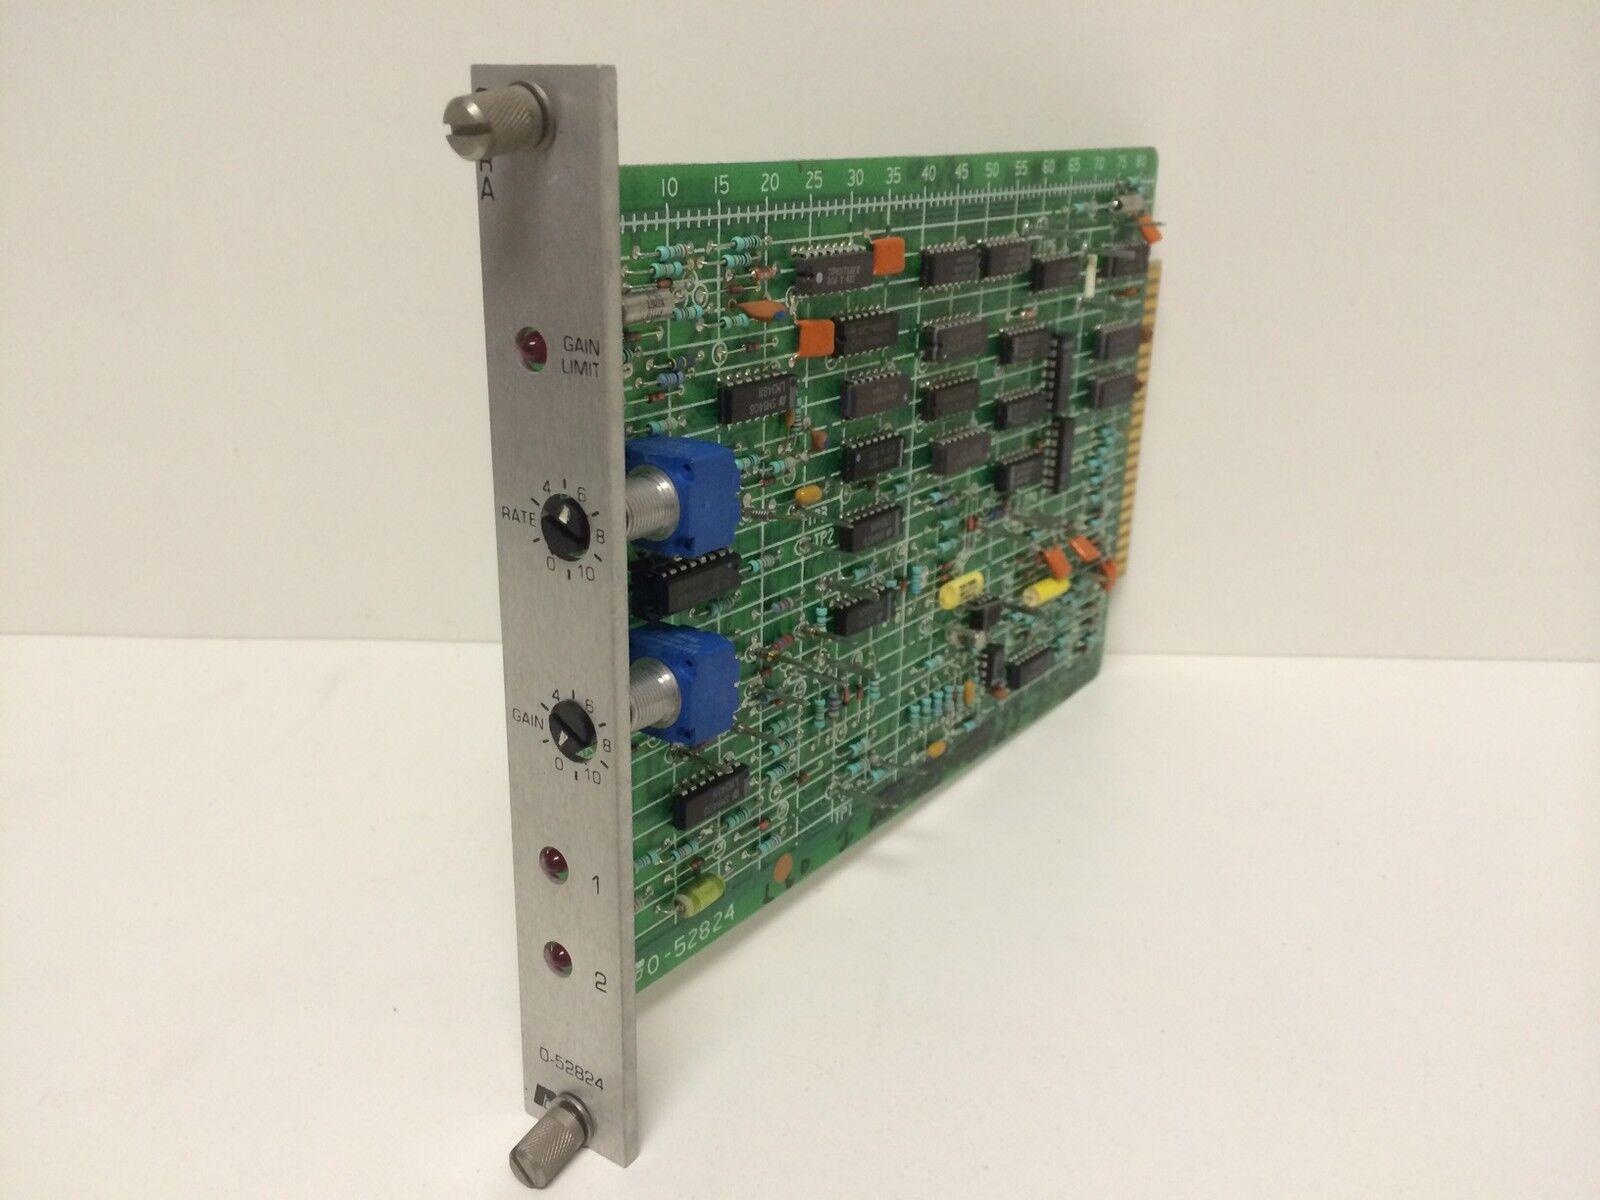 GUARANTEED GOOD USED RELIANCE ELECTRIC ELECTRIC GAIN LOSS BOARD MODULE 0-52824